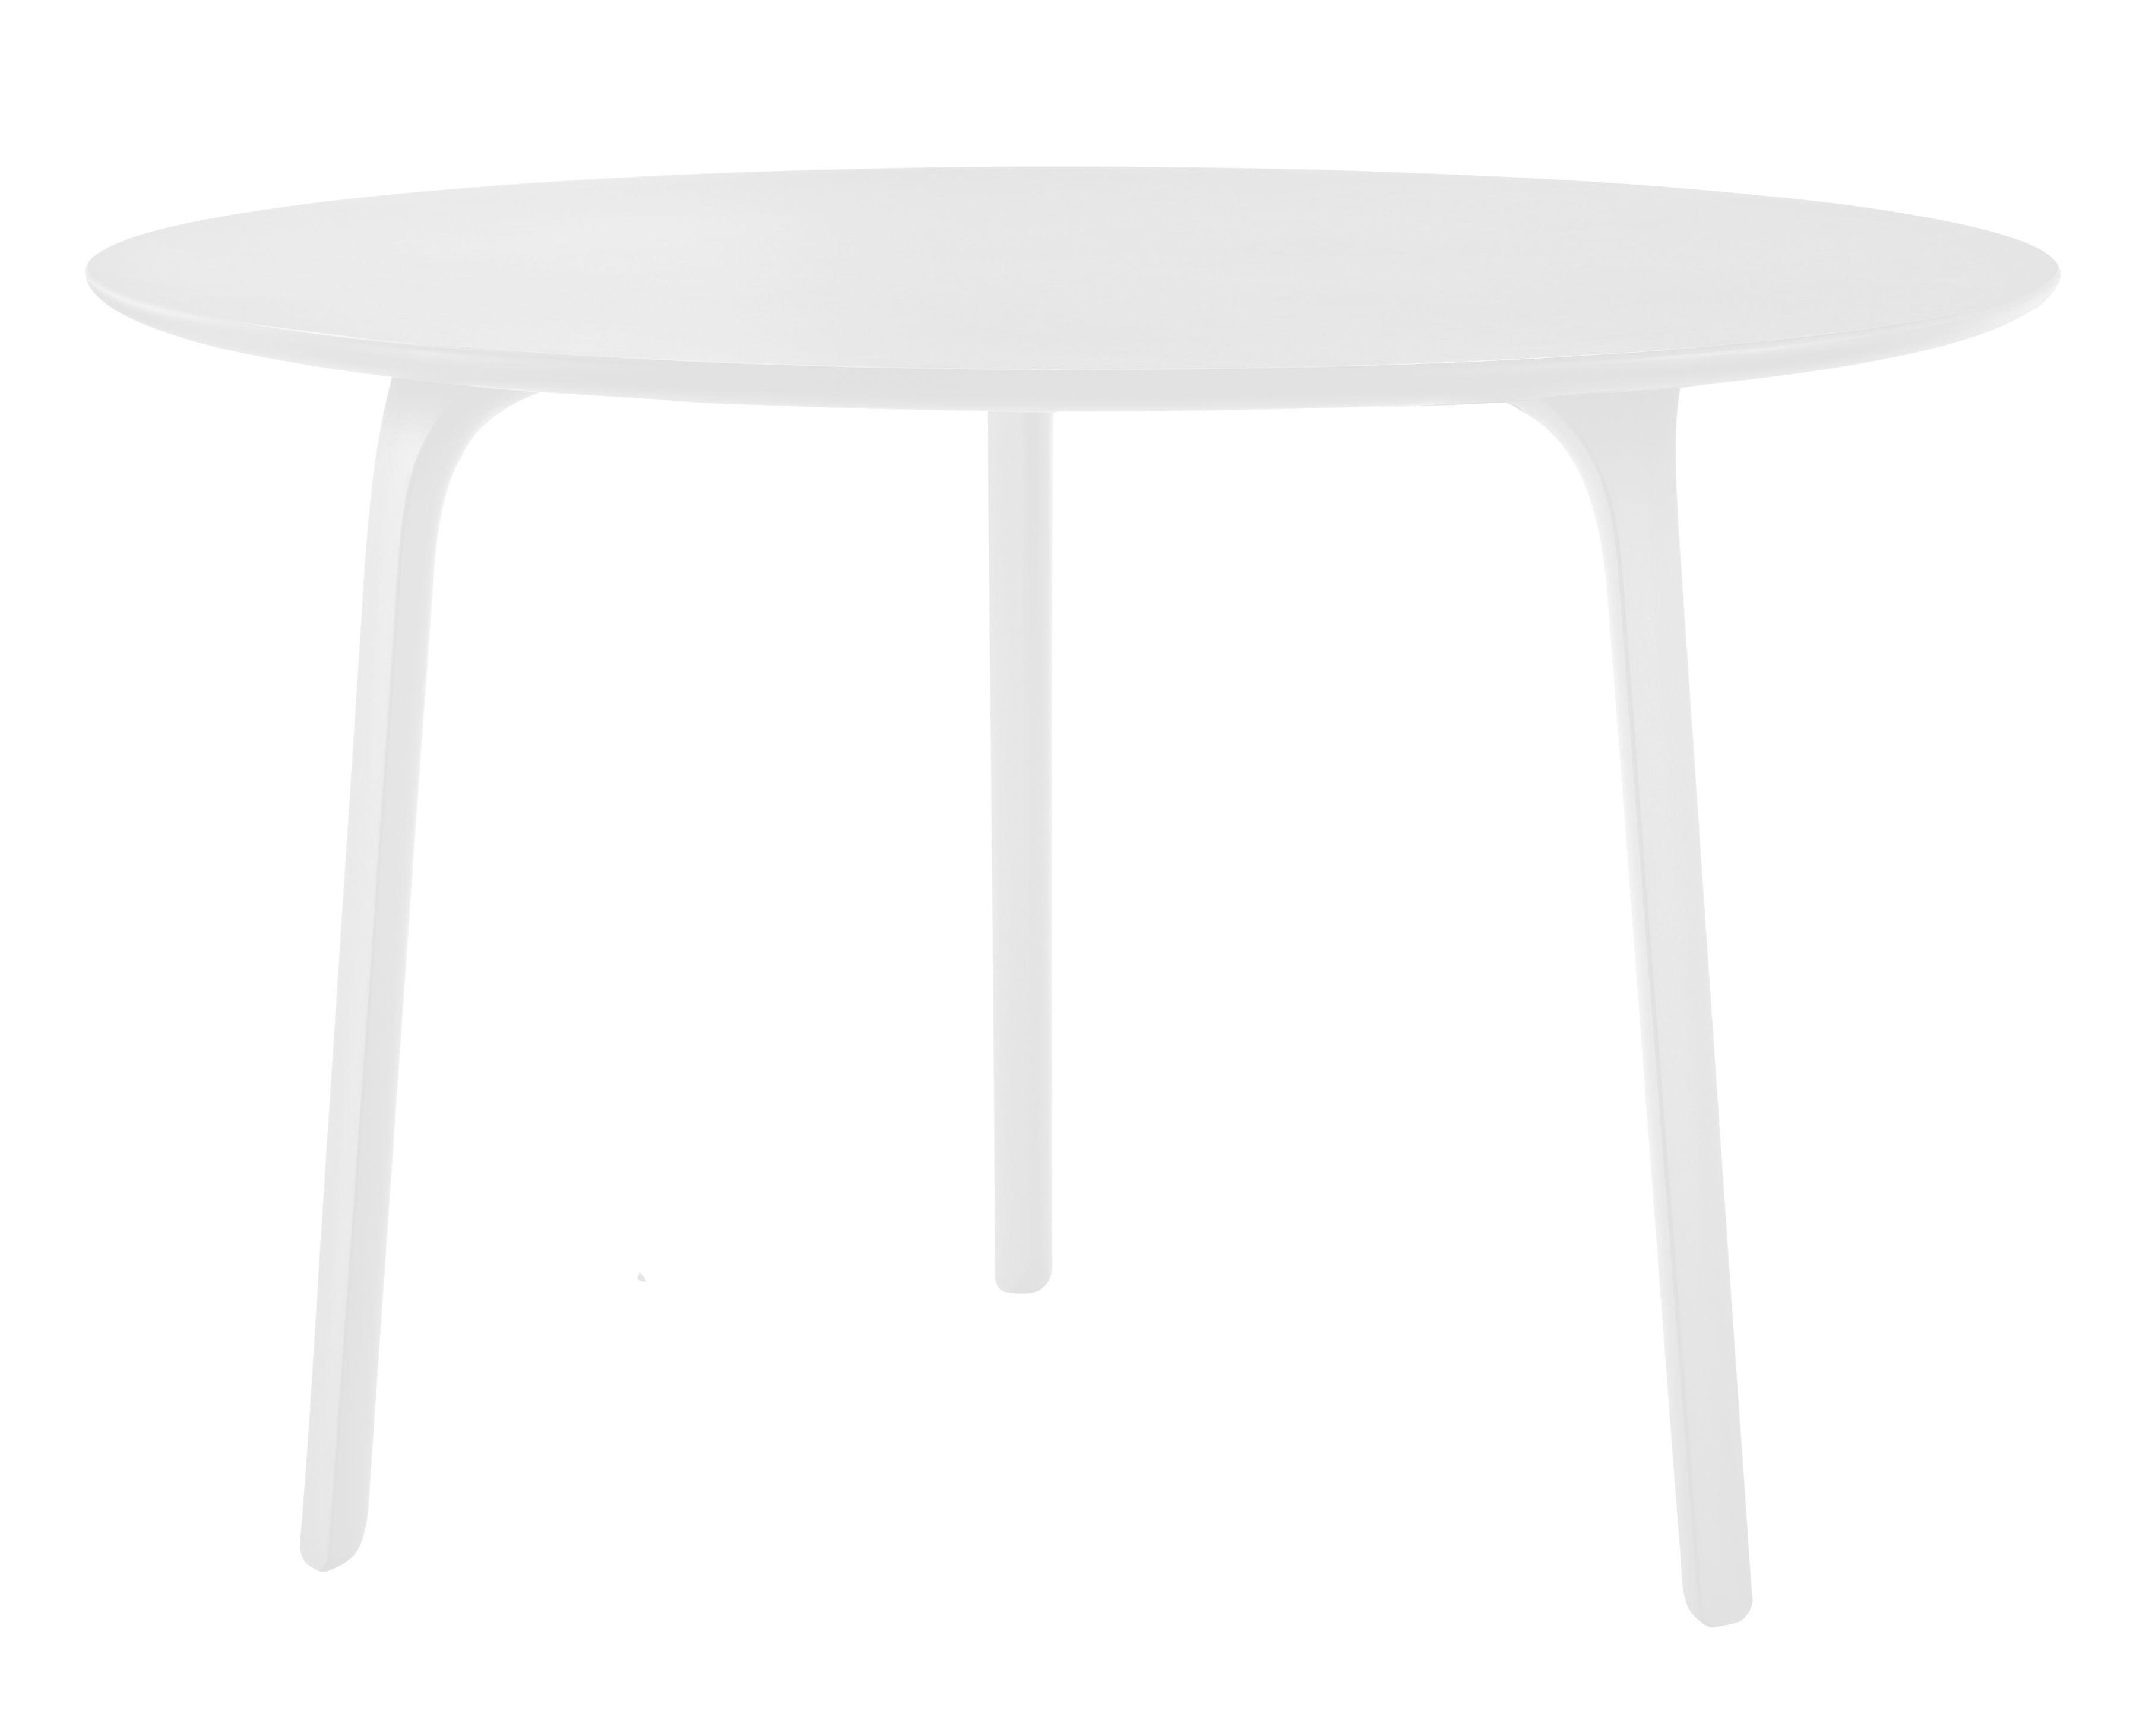 Arredamento - Tavoli - Tavolo First - Rotonda Ø 120 - Da interno di Magis - Piedi bianchi / Piano bianco - Poliammide